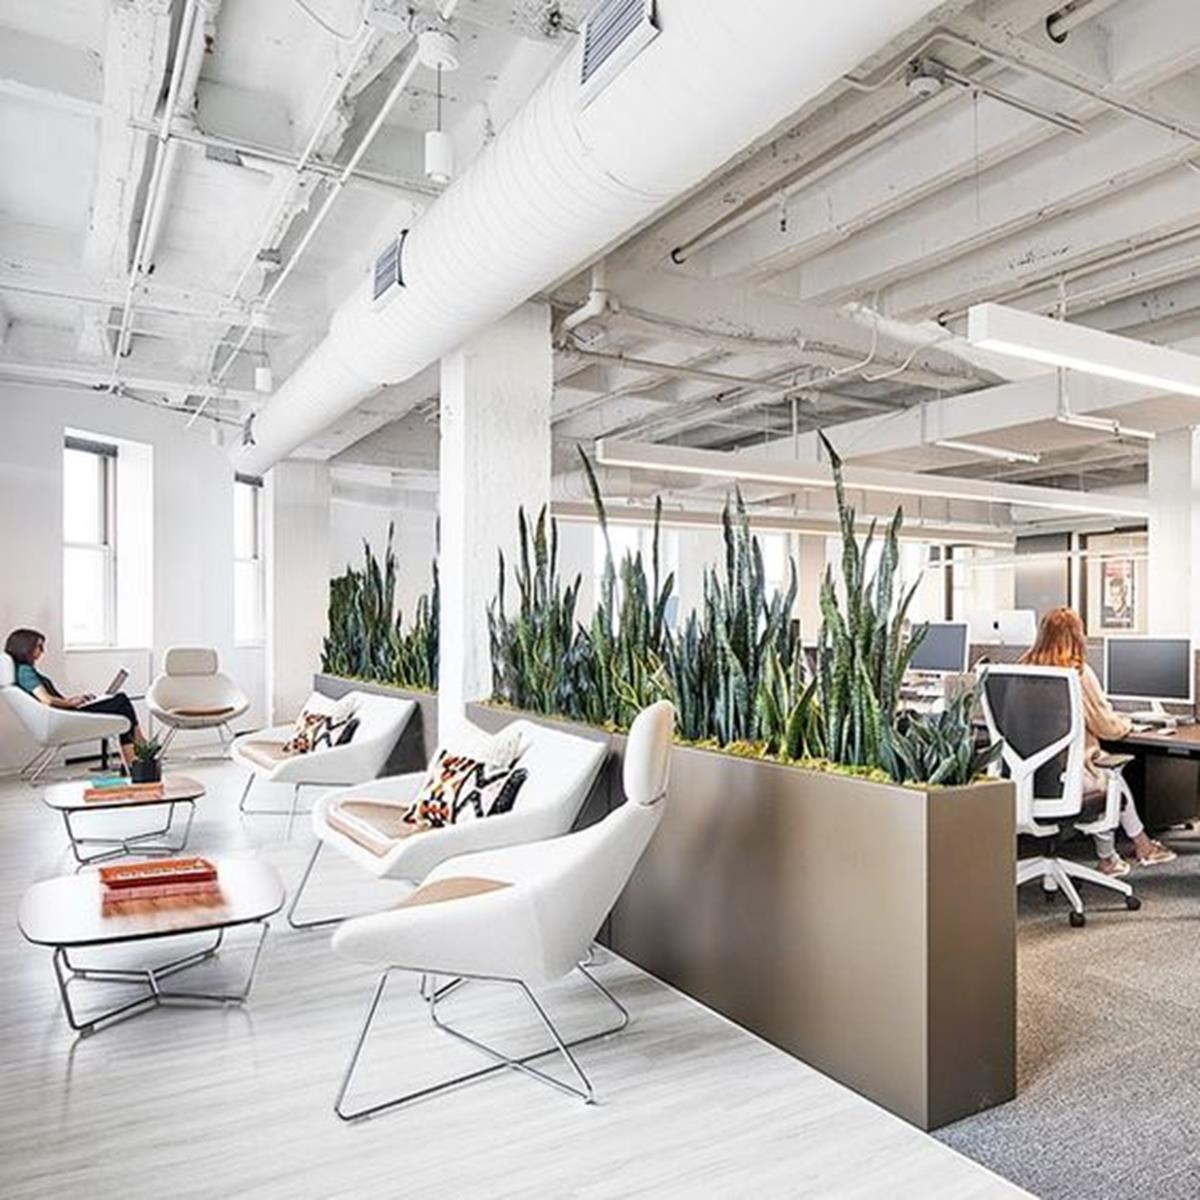 Ljust-kontorslandskap-öppet-kontor-inspirerande